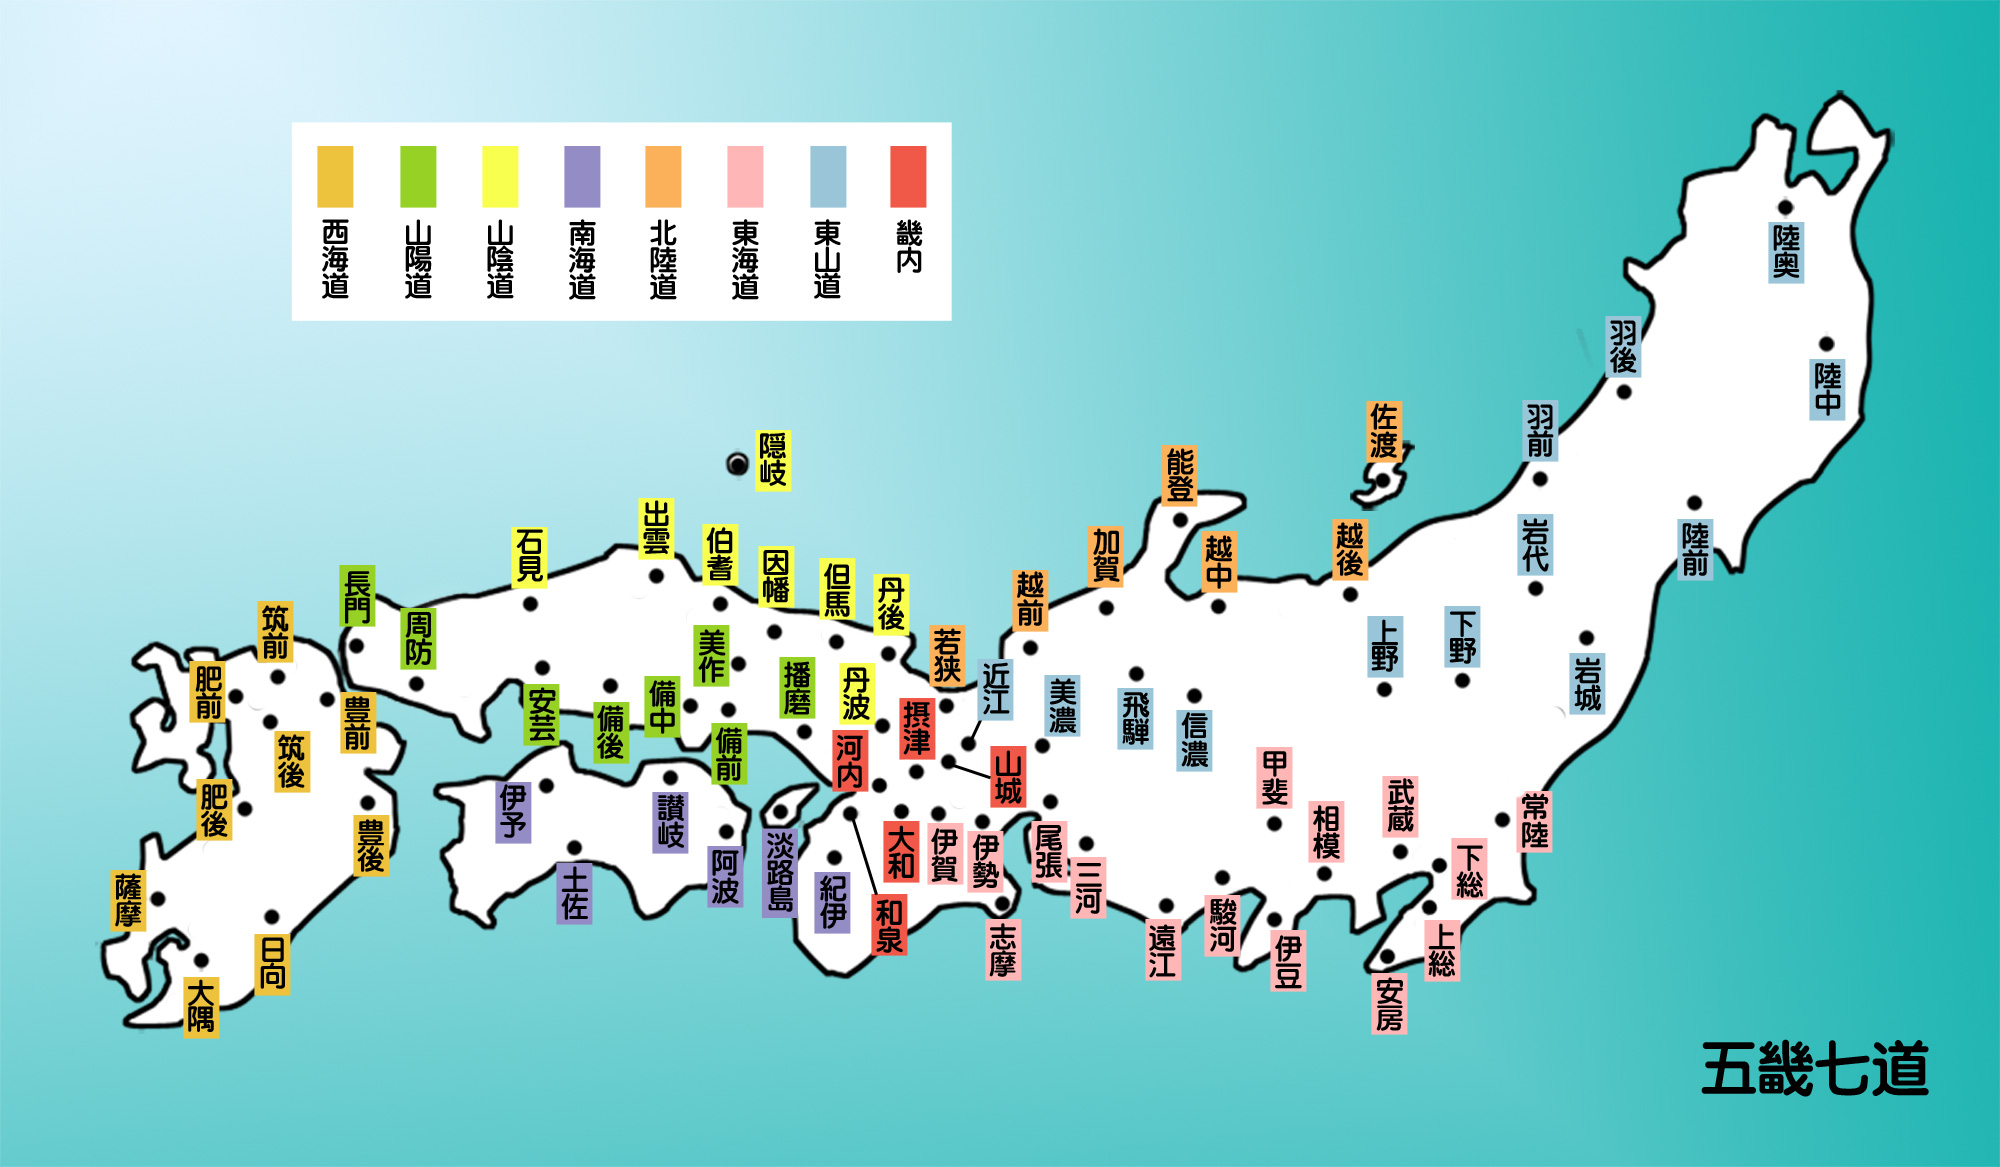 五畿七道 地方行政区画